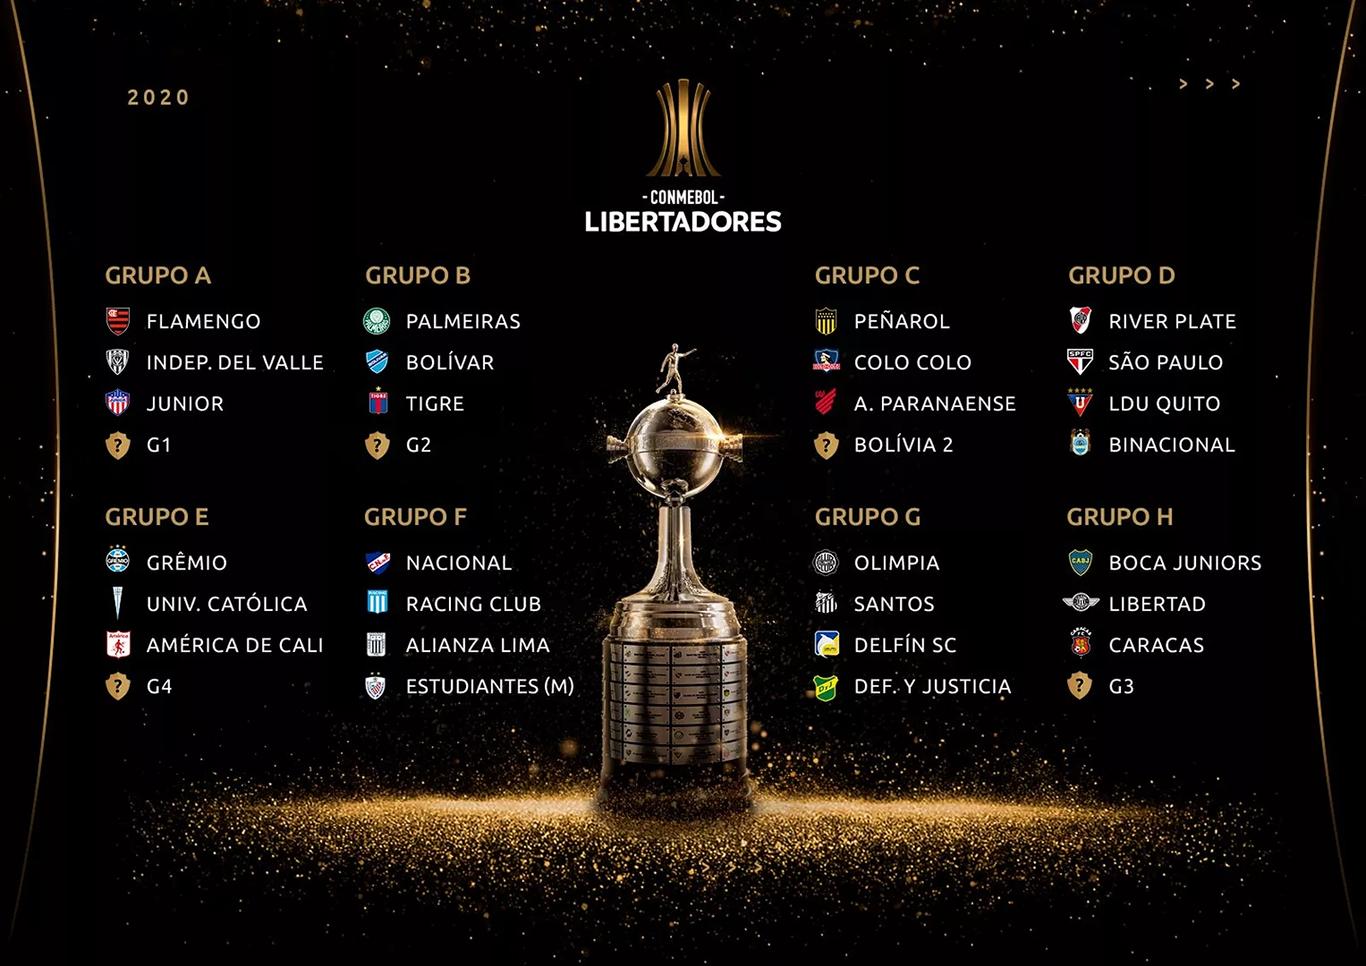 Grupos da Copa Libertadores